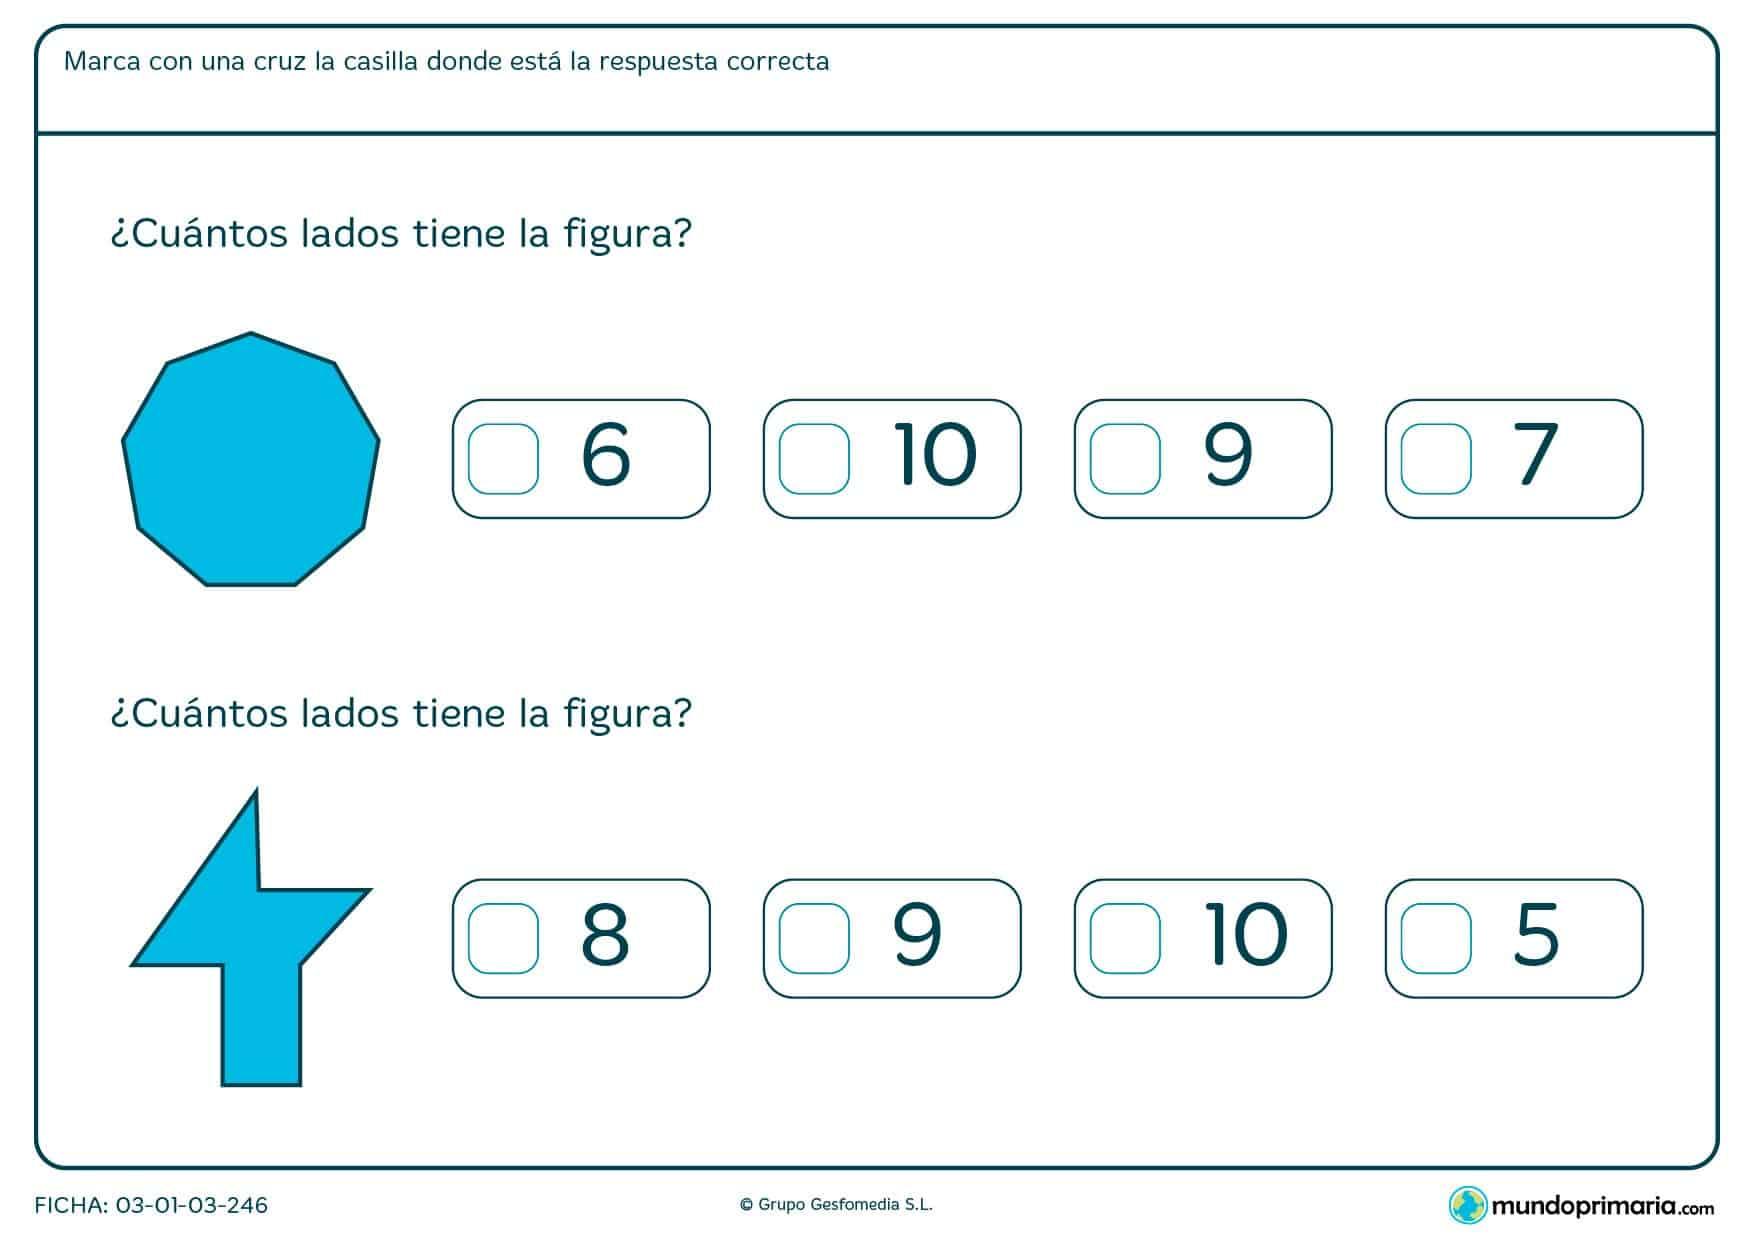 ¿Cuántos lados tienen estas figuras? Obsérvalas con atención y marca las respuestas correctas.